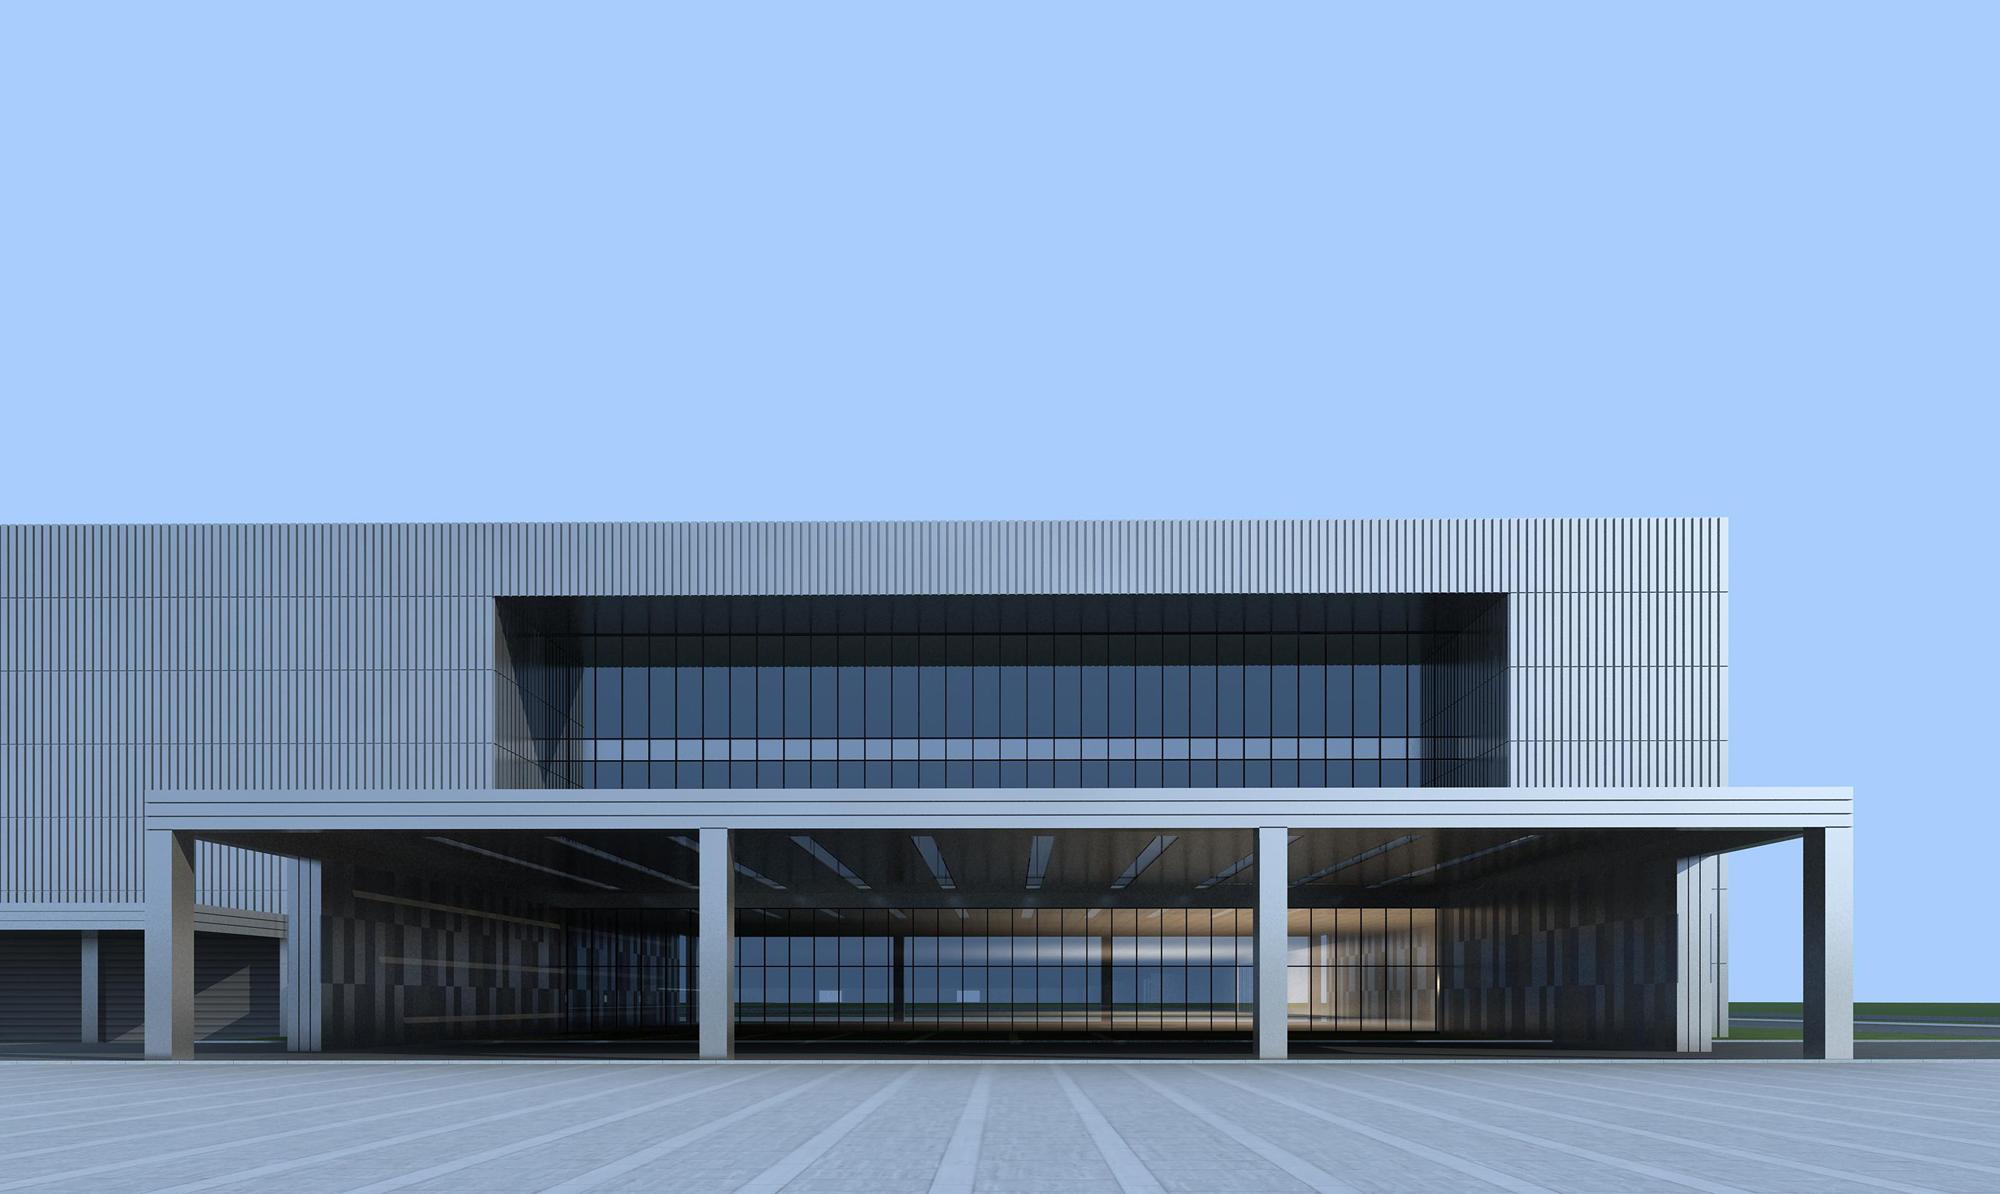 论述现代工业厂房建筑设计 论述题77,现代化学工业的特点是什么?